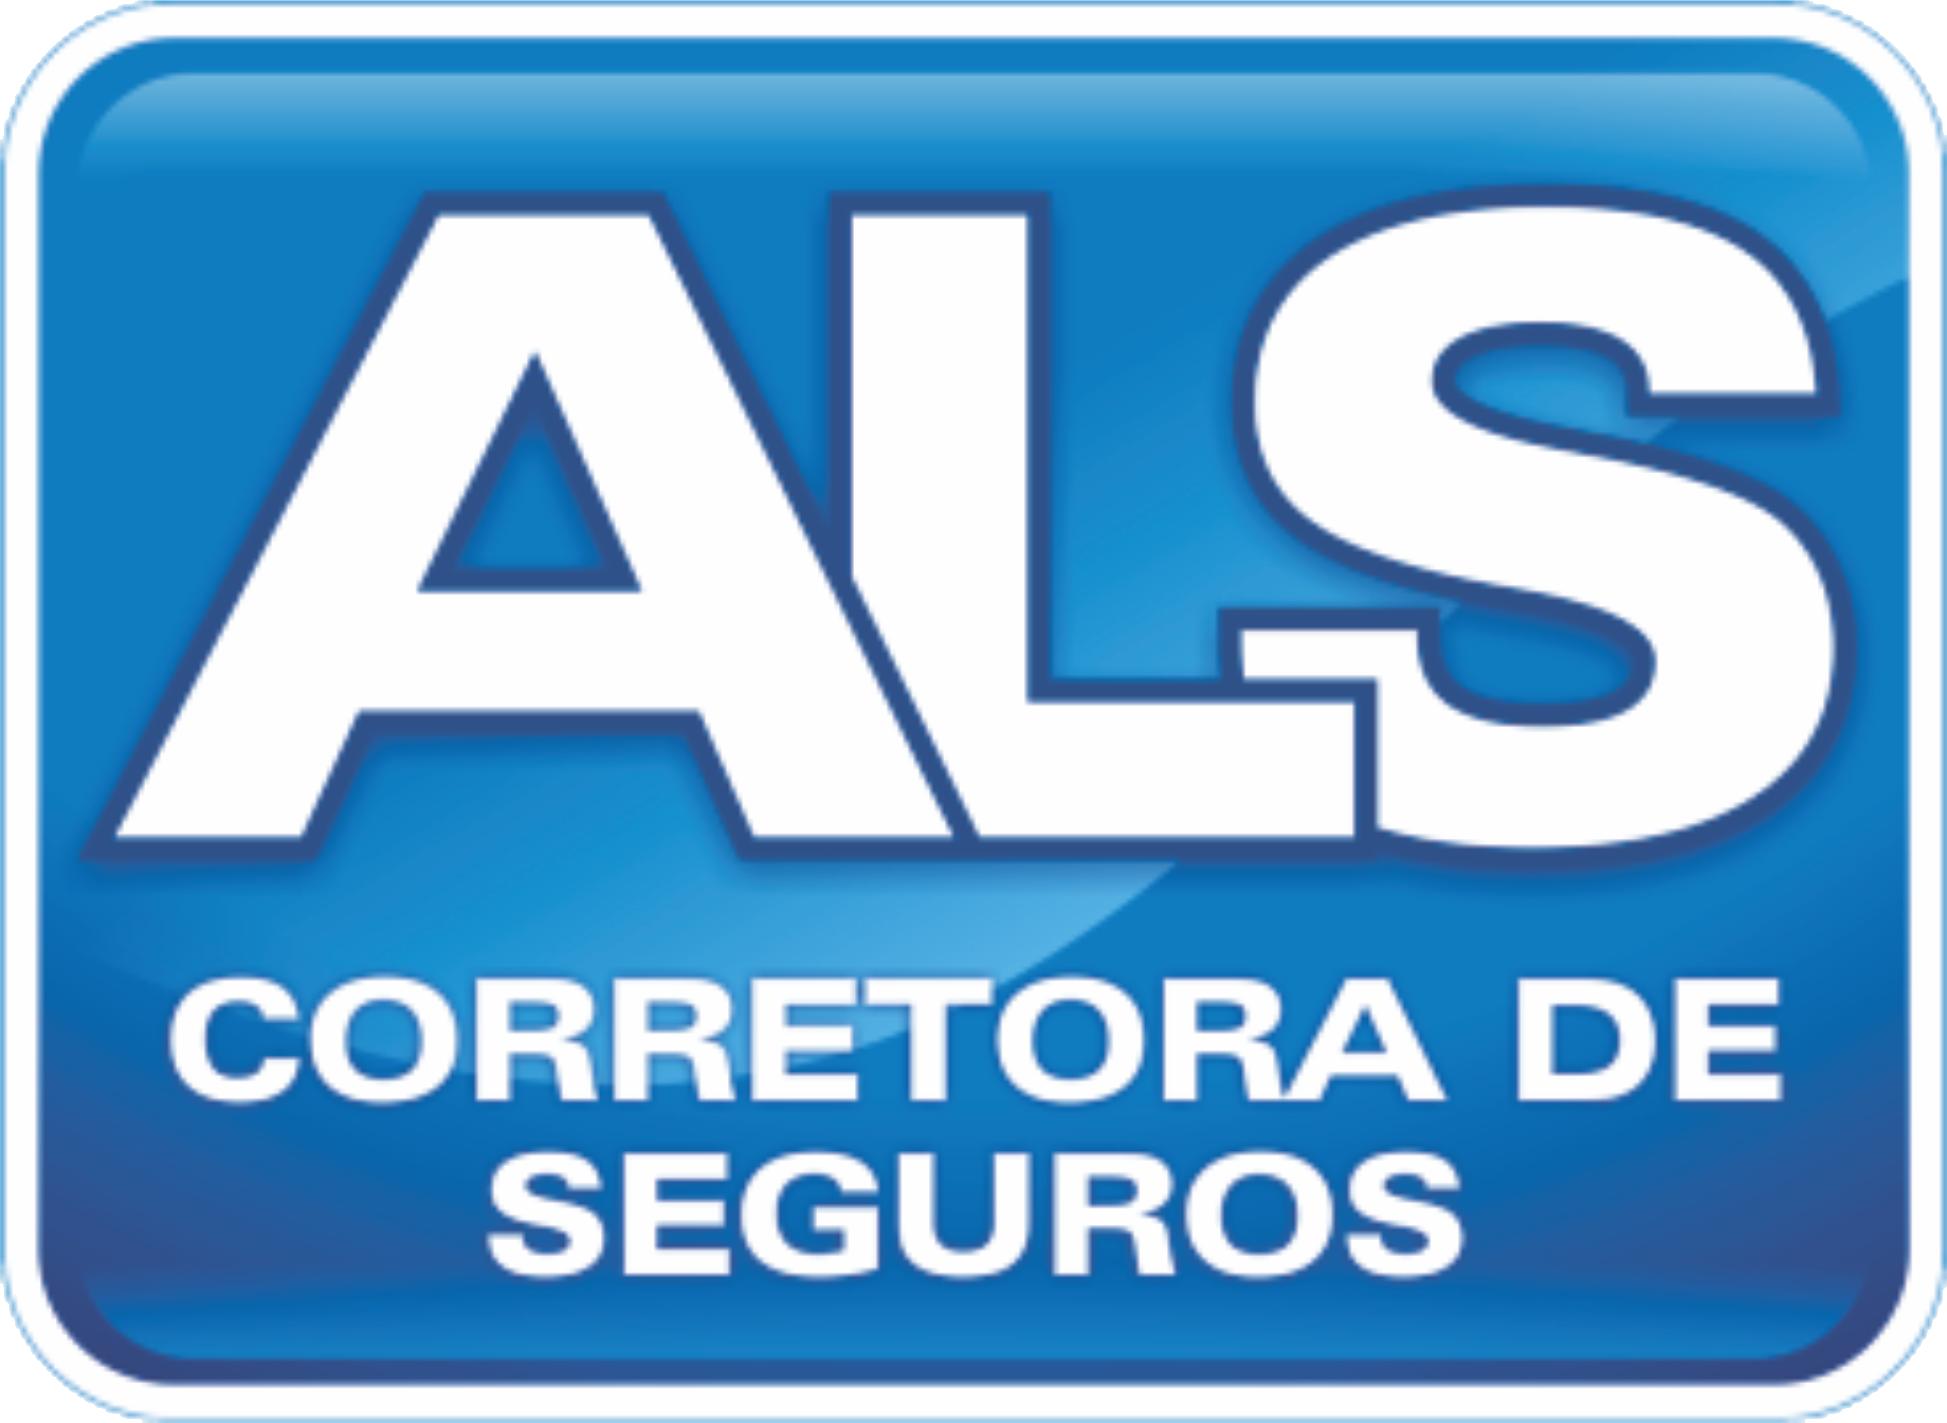 ALS SEGUROS - Cartão de Crédito Porto Seguro | Corretora de